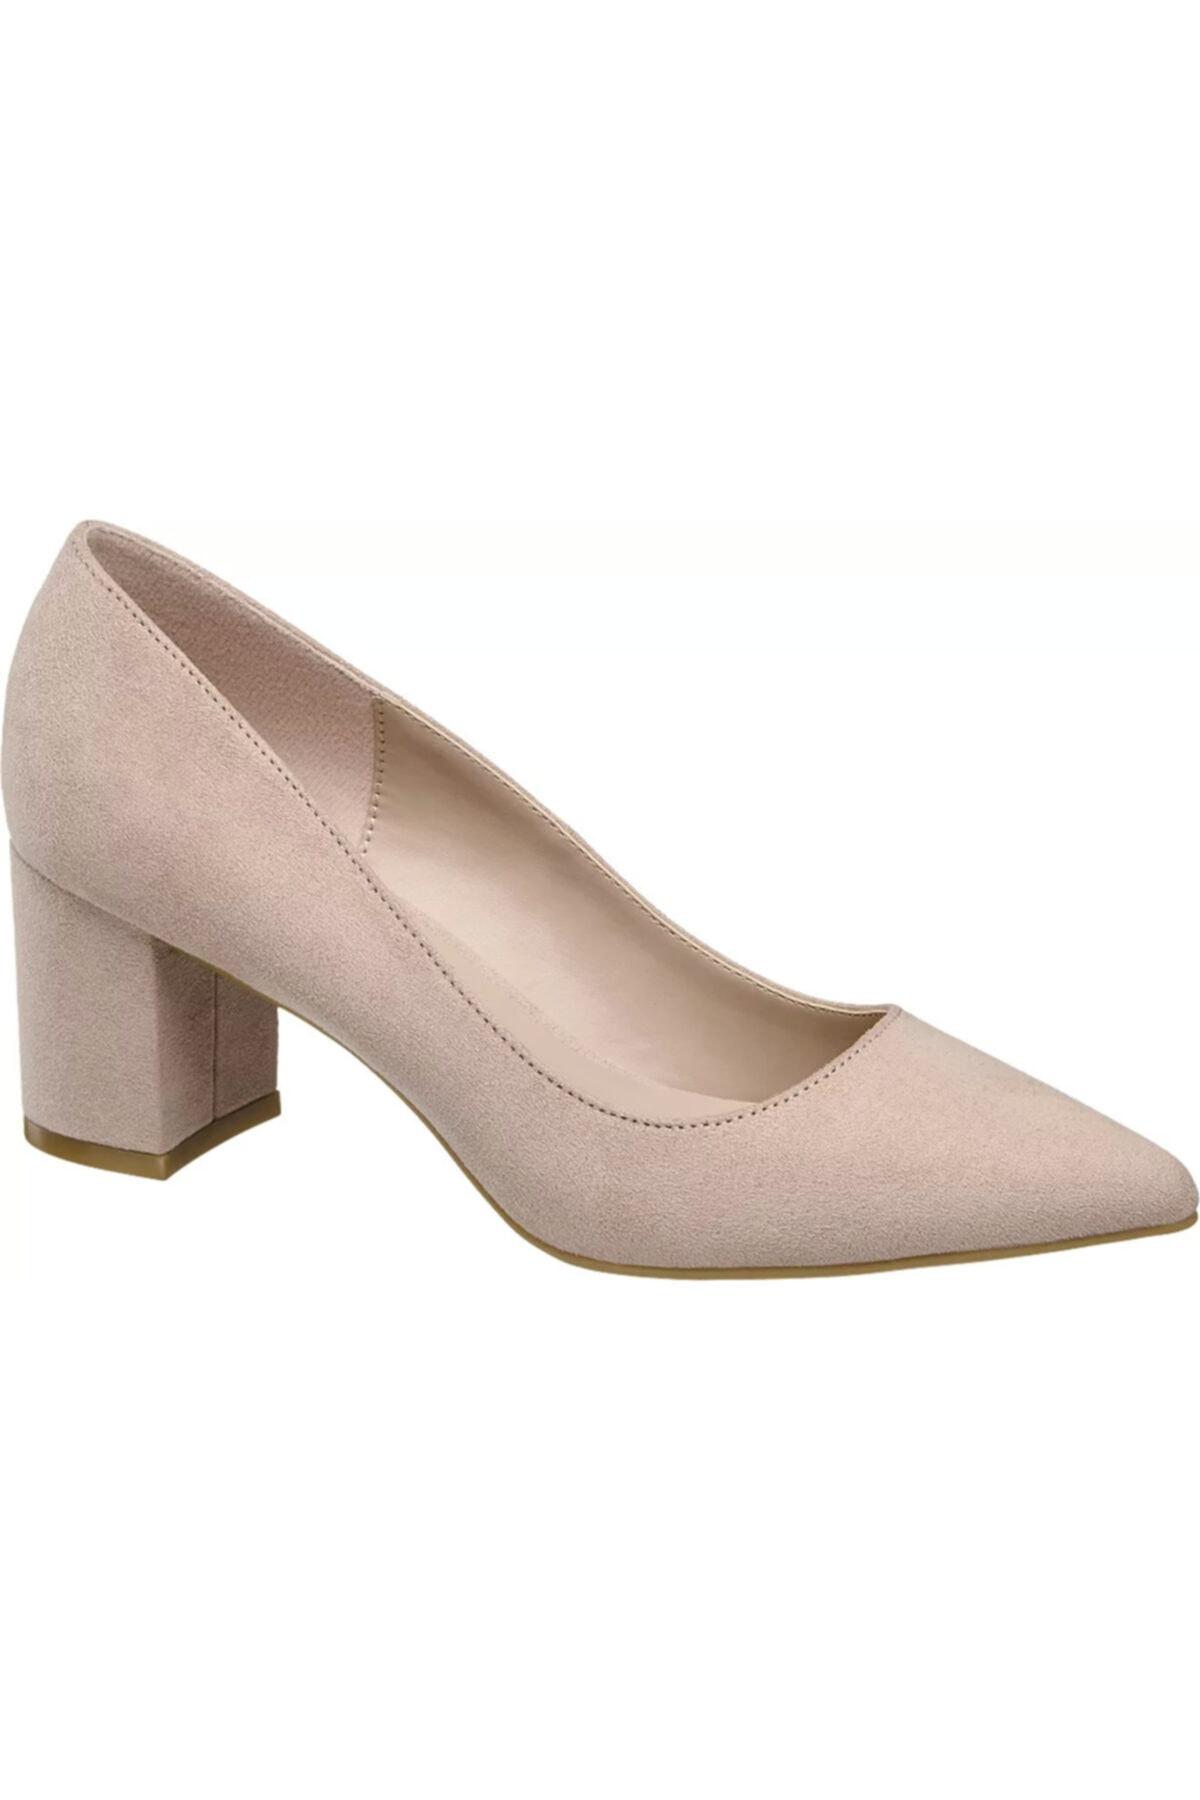 Graceland Deichmann Kadın Pembe Topuklu Ayakkabı